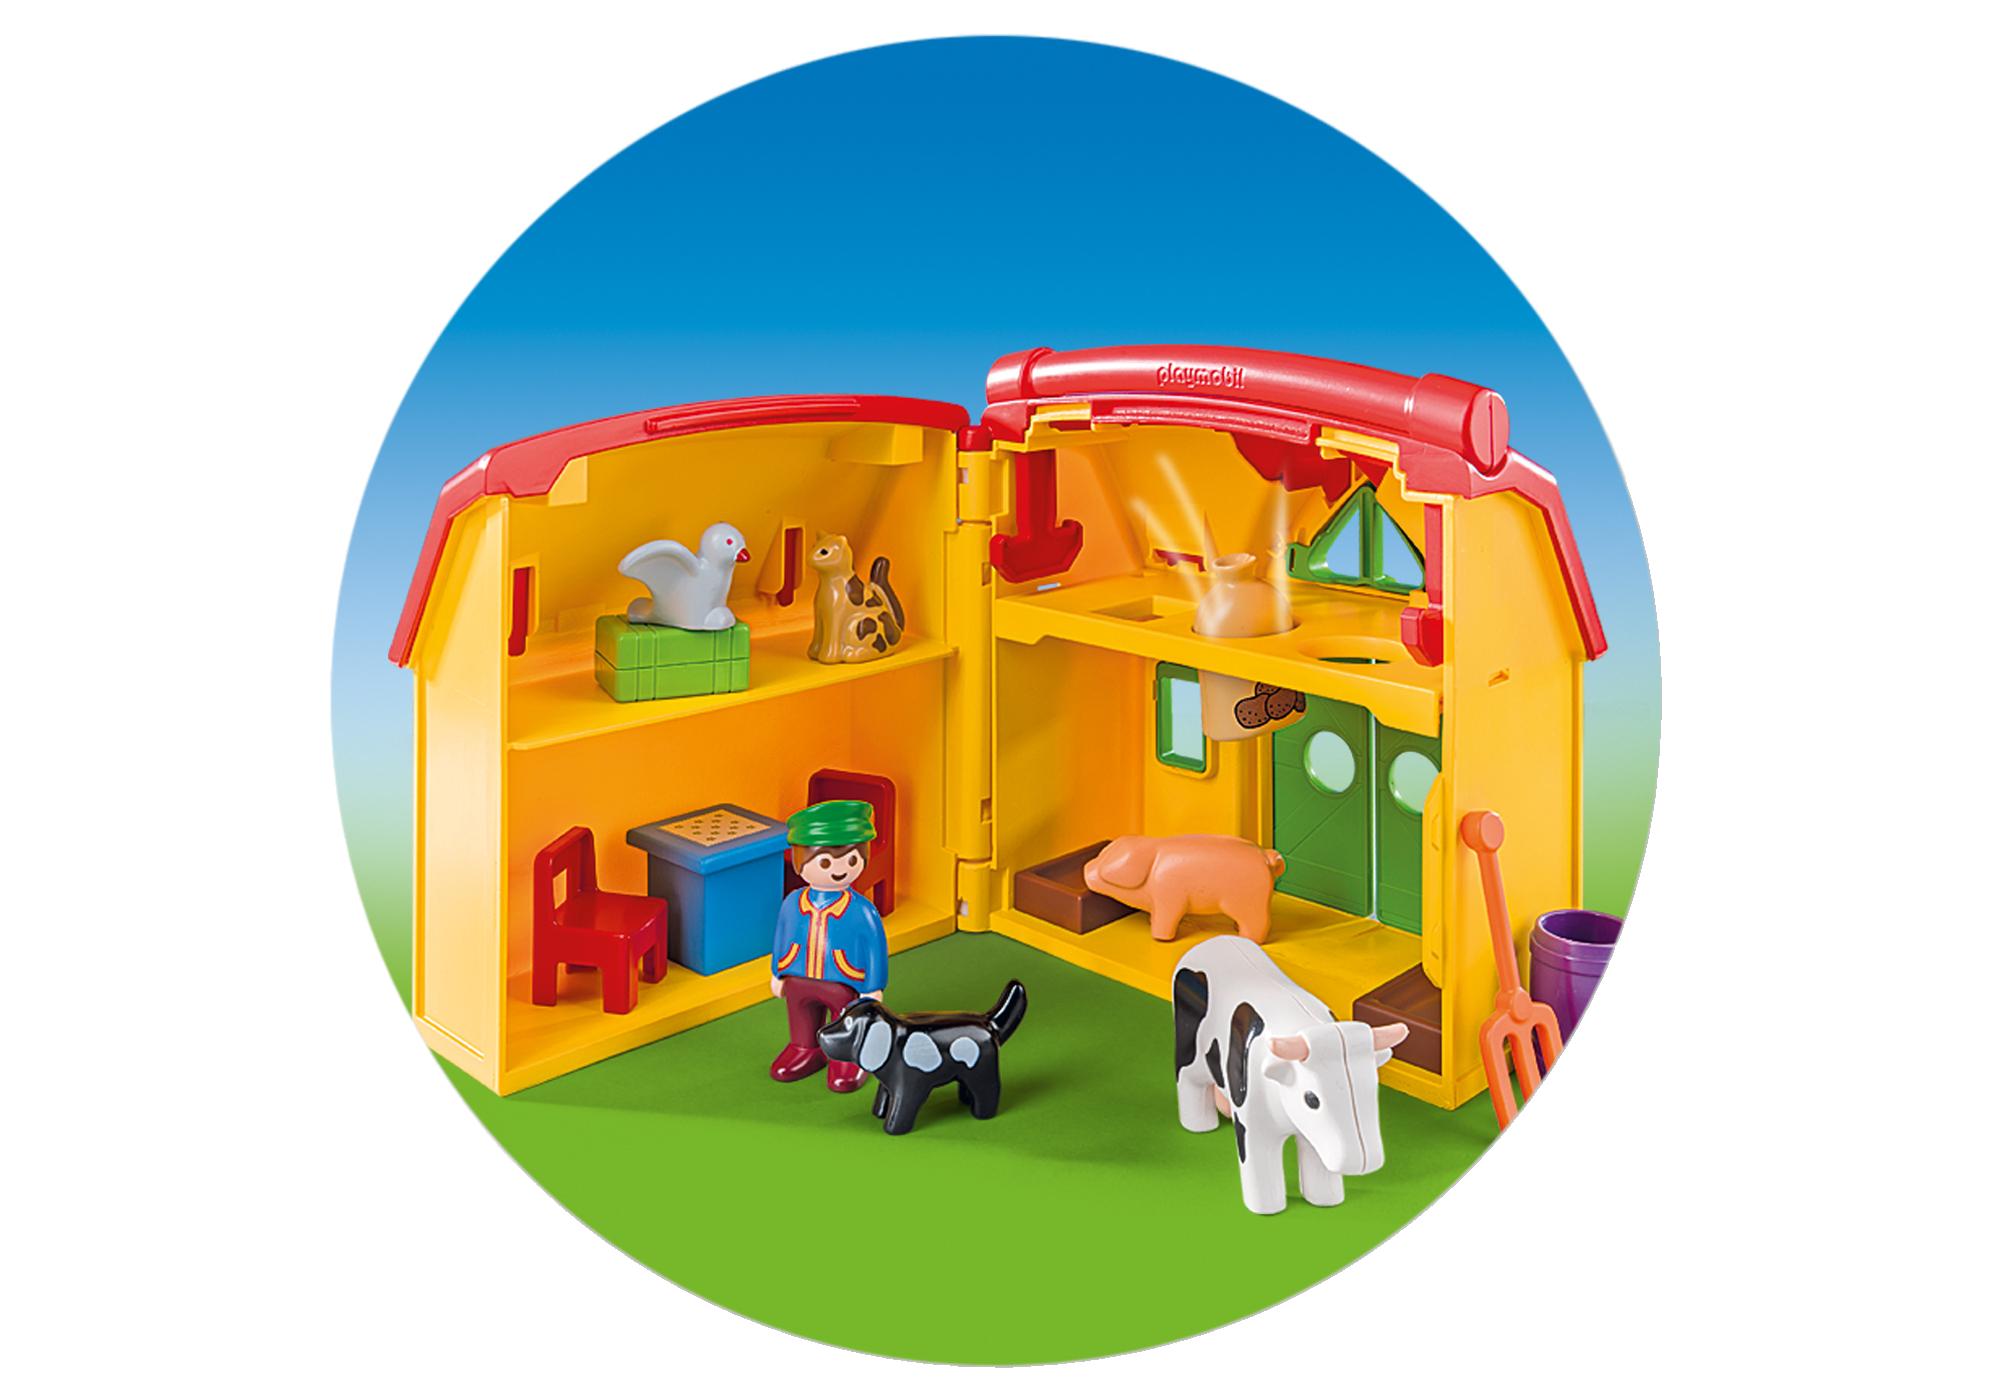 http://media.playmobil.com/i/playmobil/6962_product_extra3/Moje przenośne gospodarstwo rolne